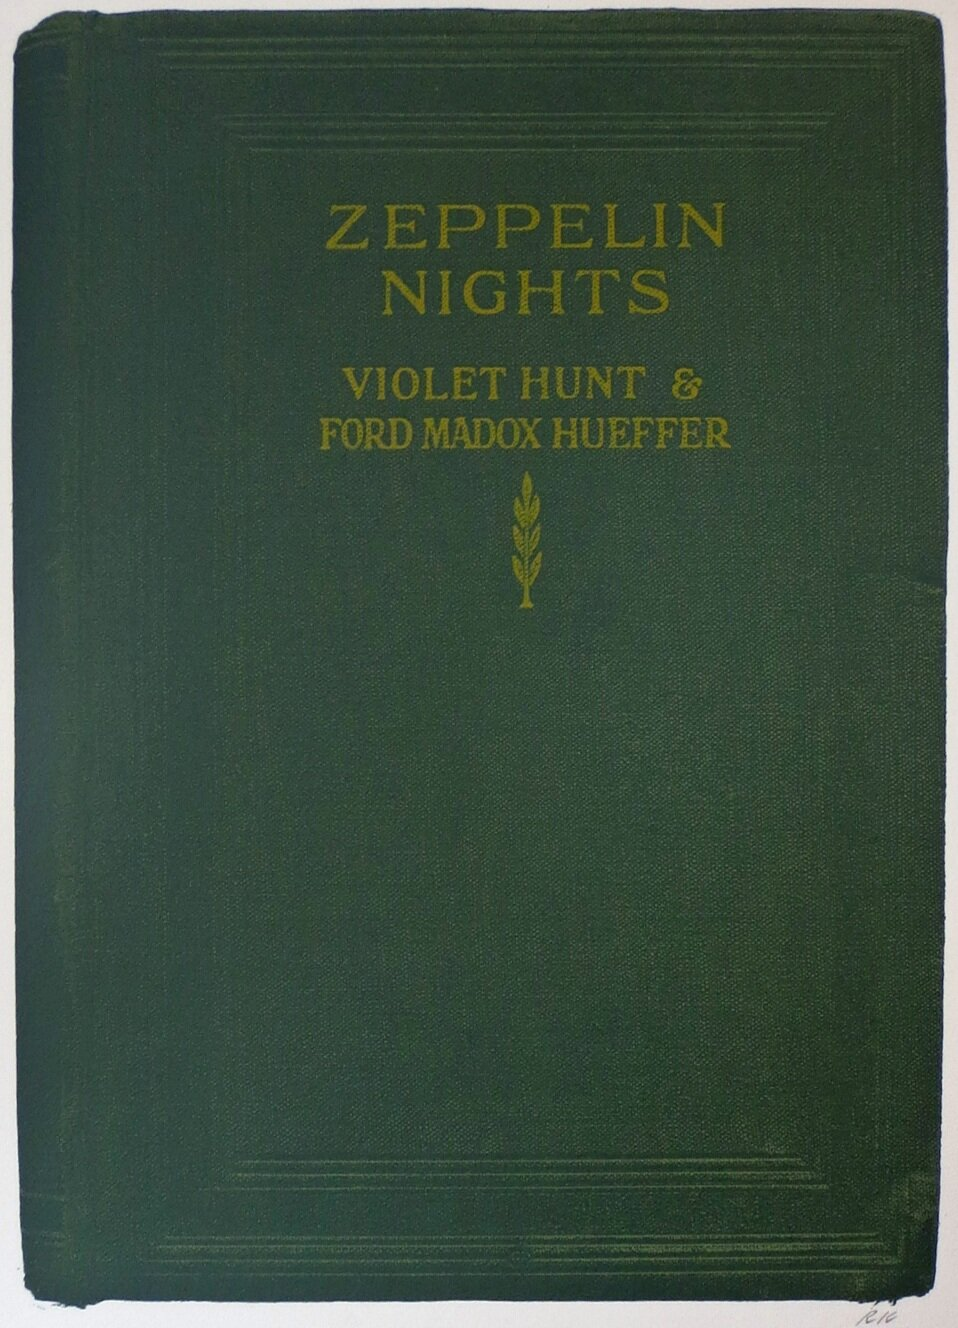 Zeppelin Nights